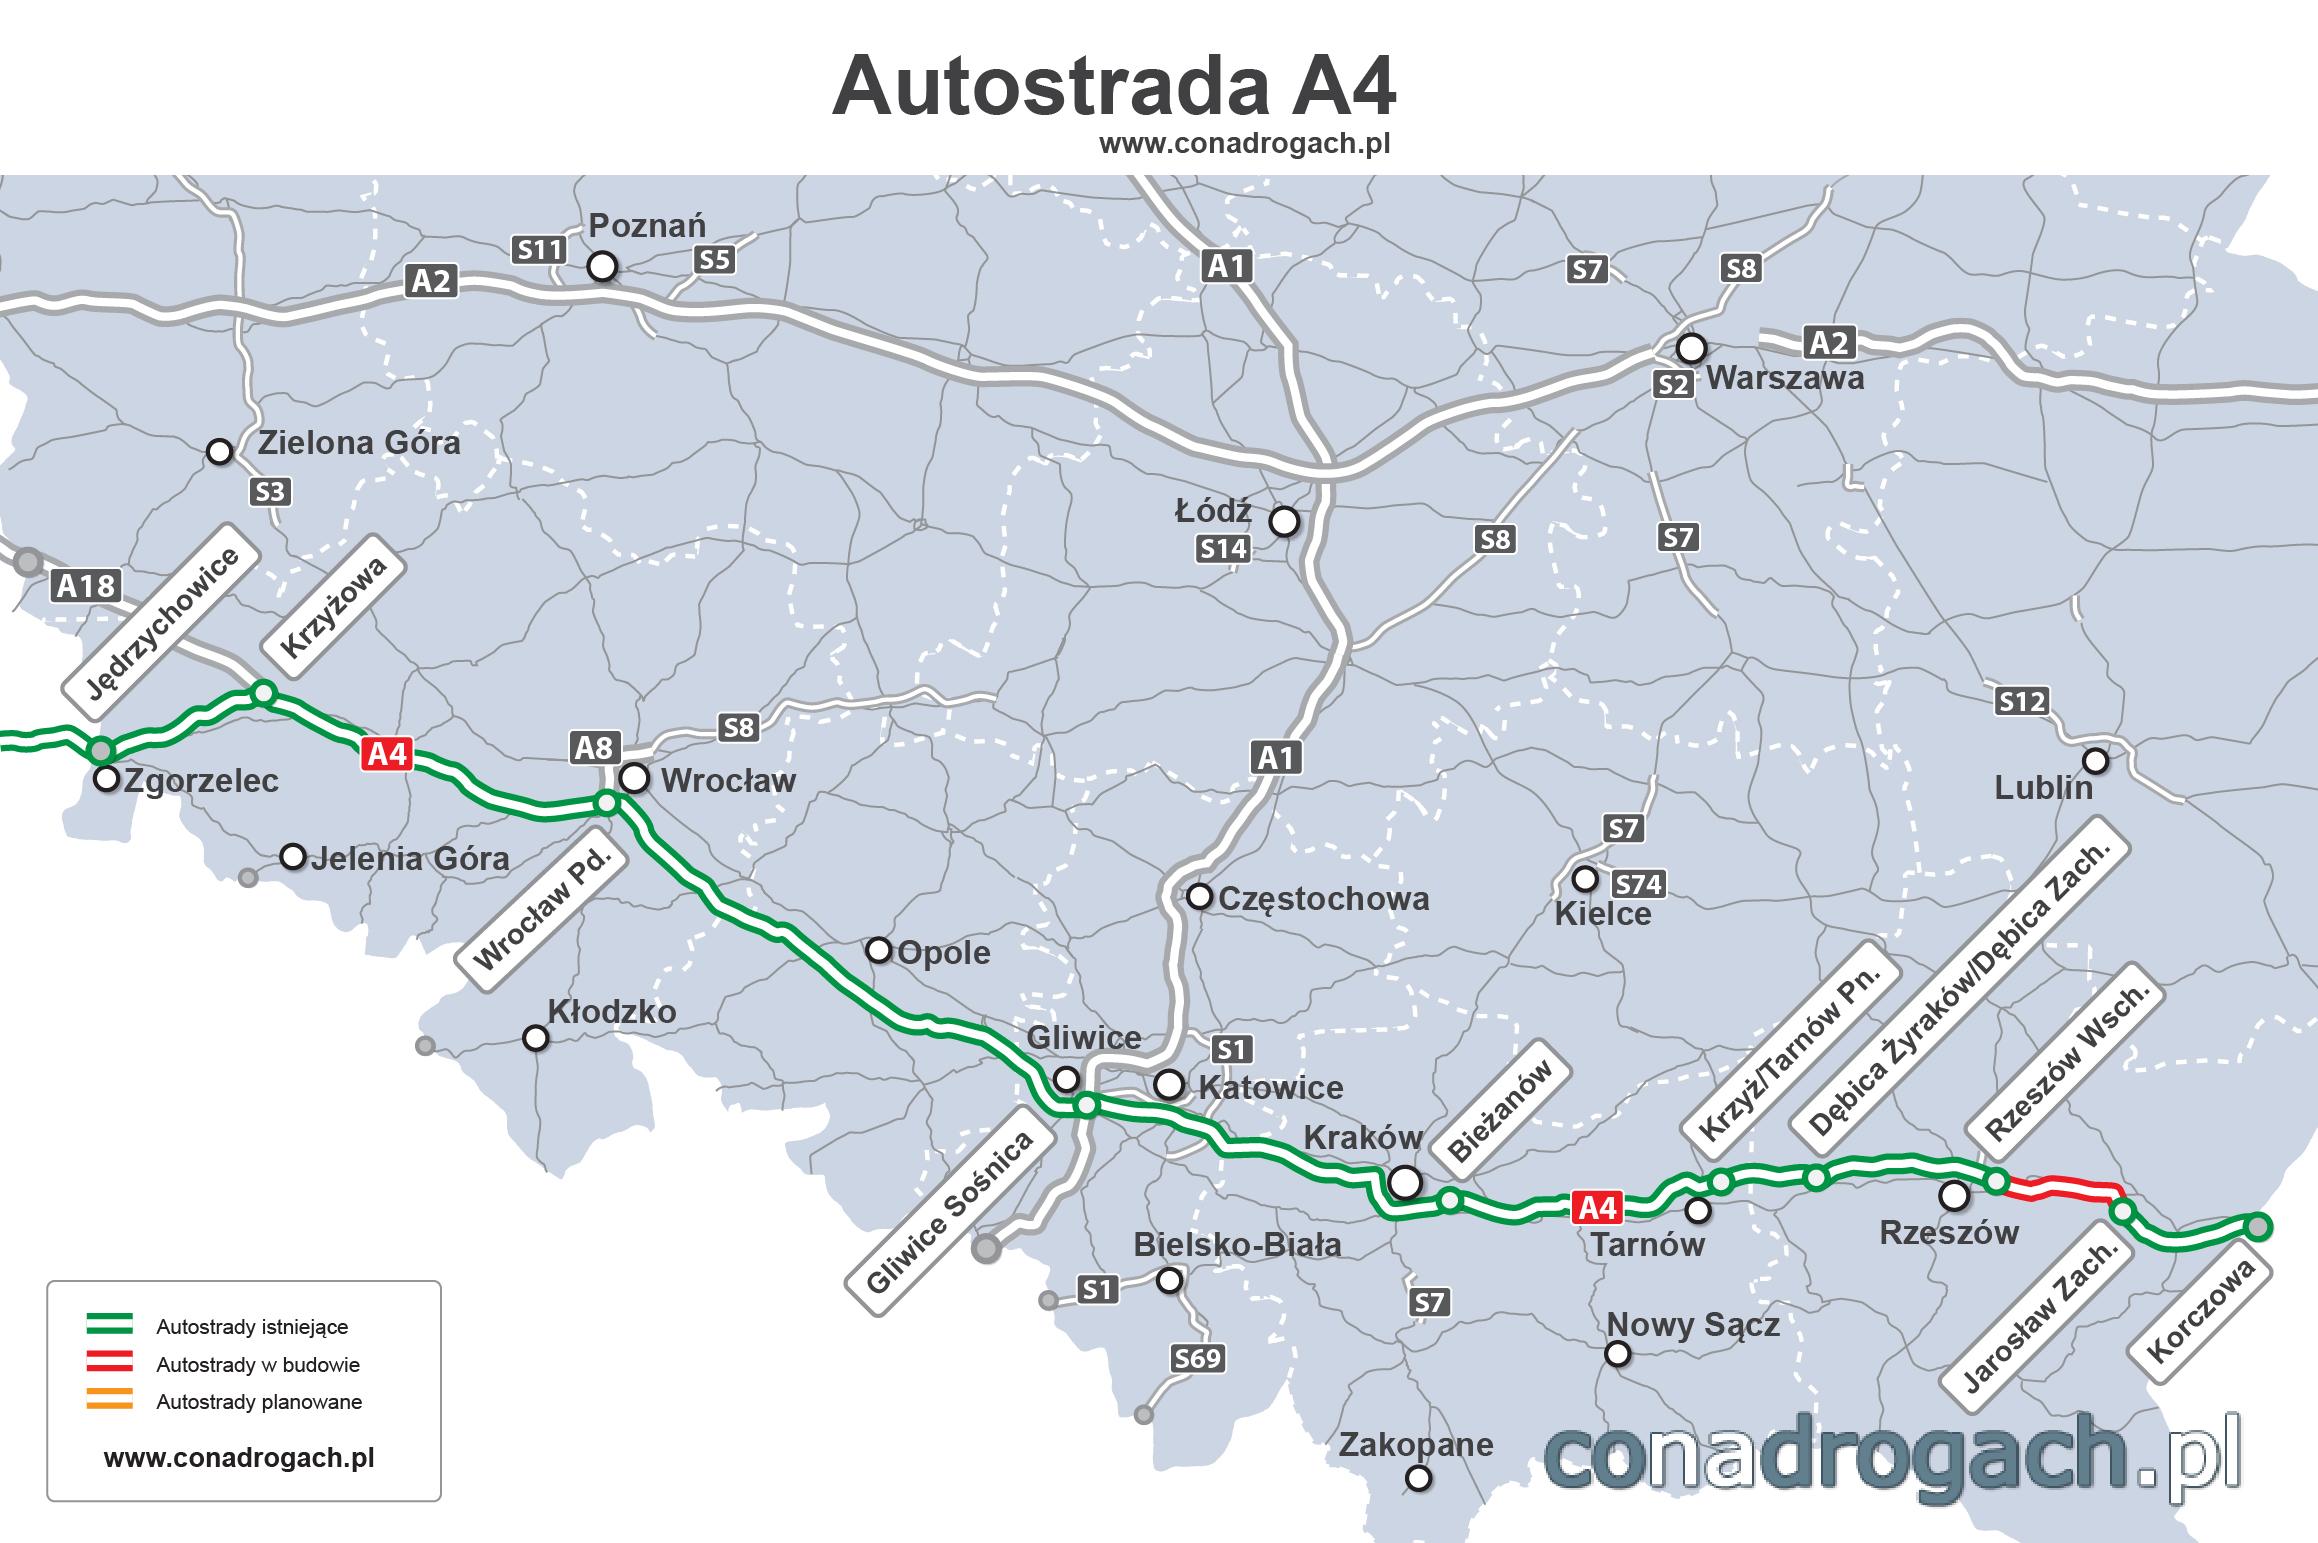 Mapa Przebiegu Autostrady A4 W Polsce Jerzychowice Wroclaw